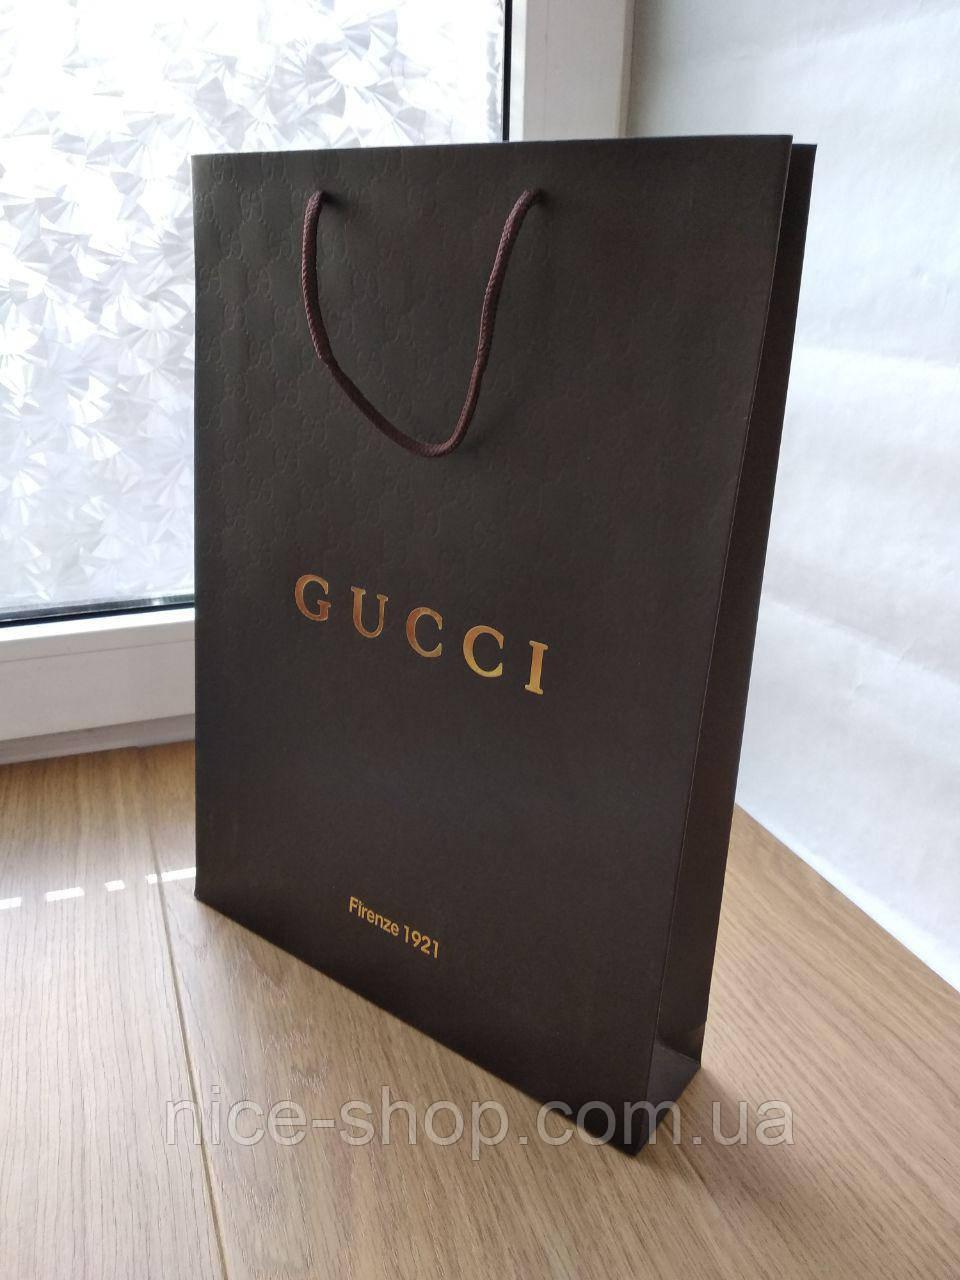 Подарочный пакет Gucci :вертикаль, mахi